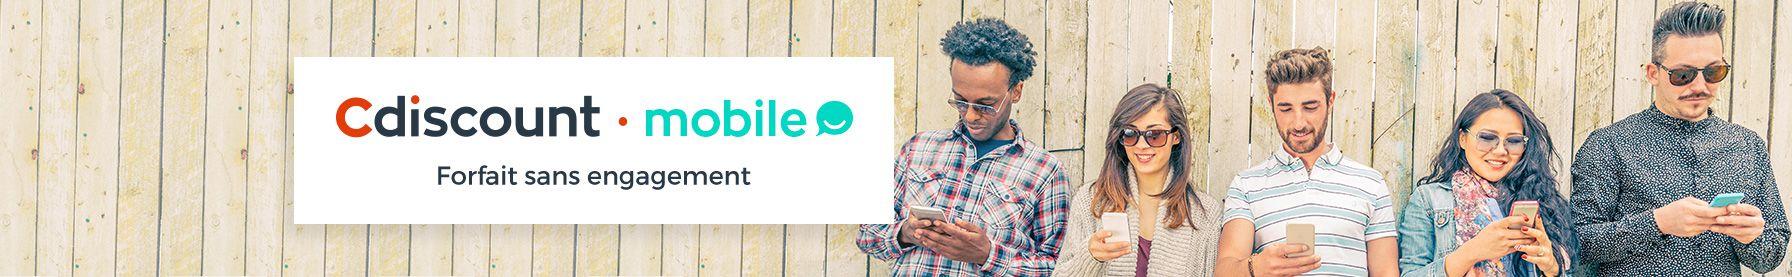 Cdiscount mobile forfait sans engagement